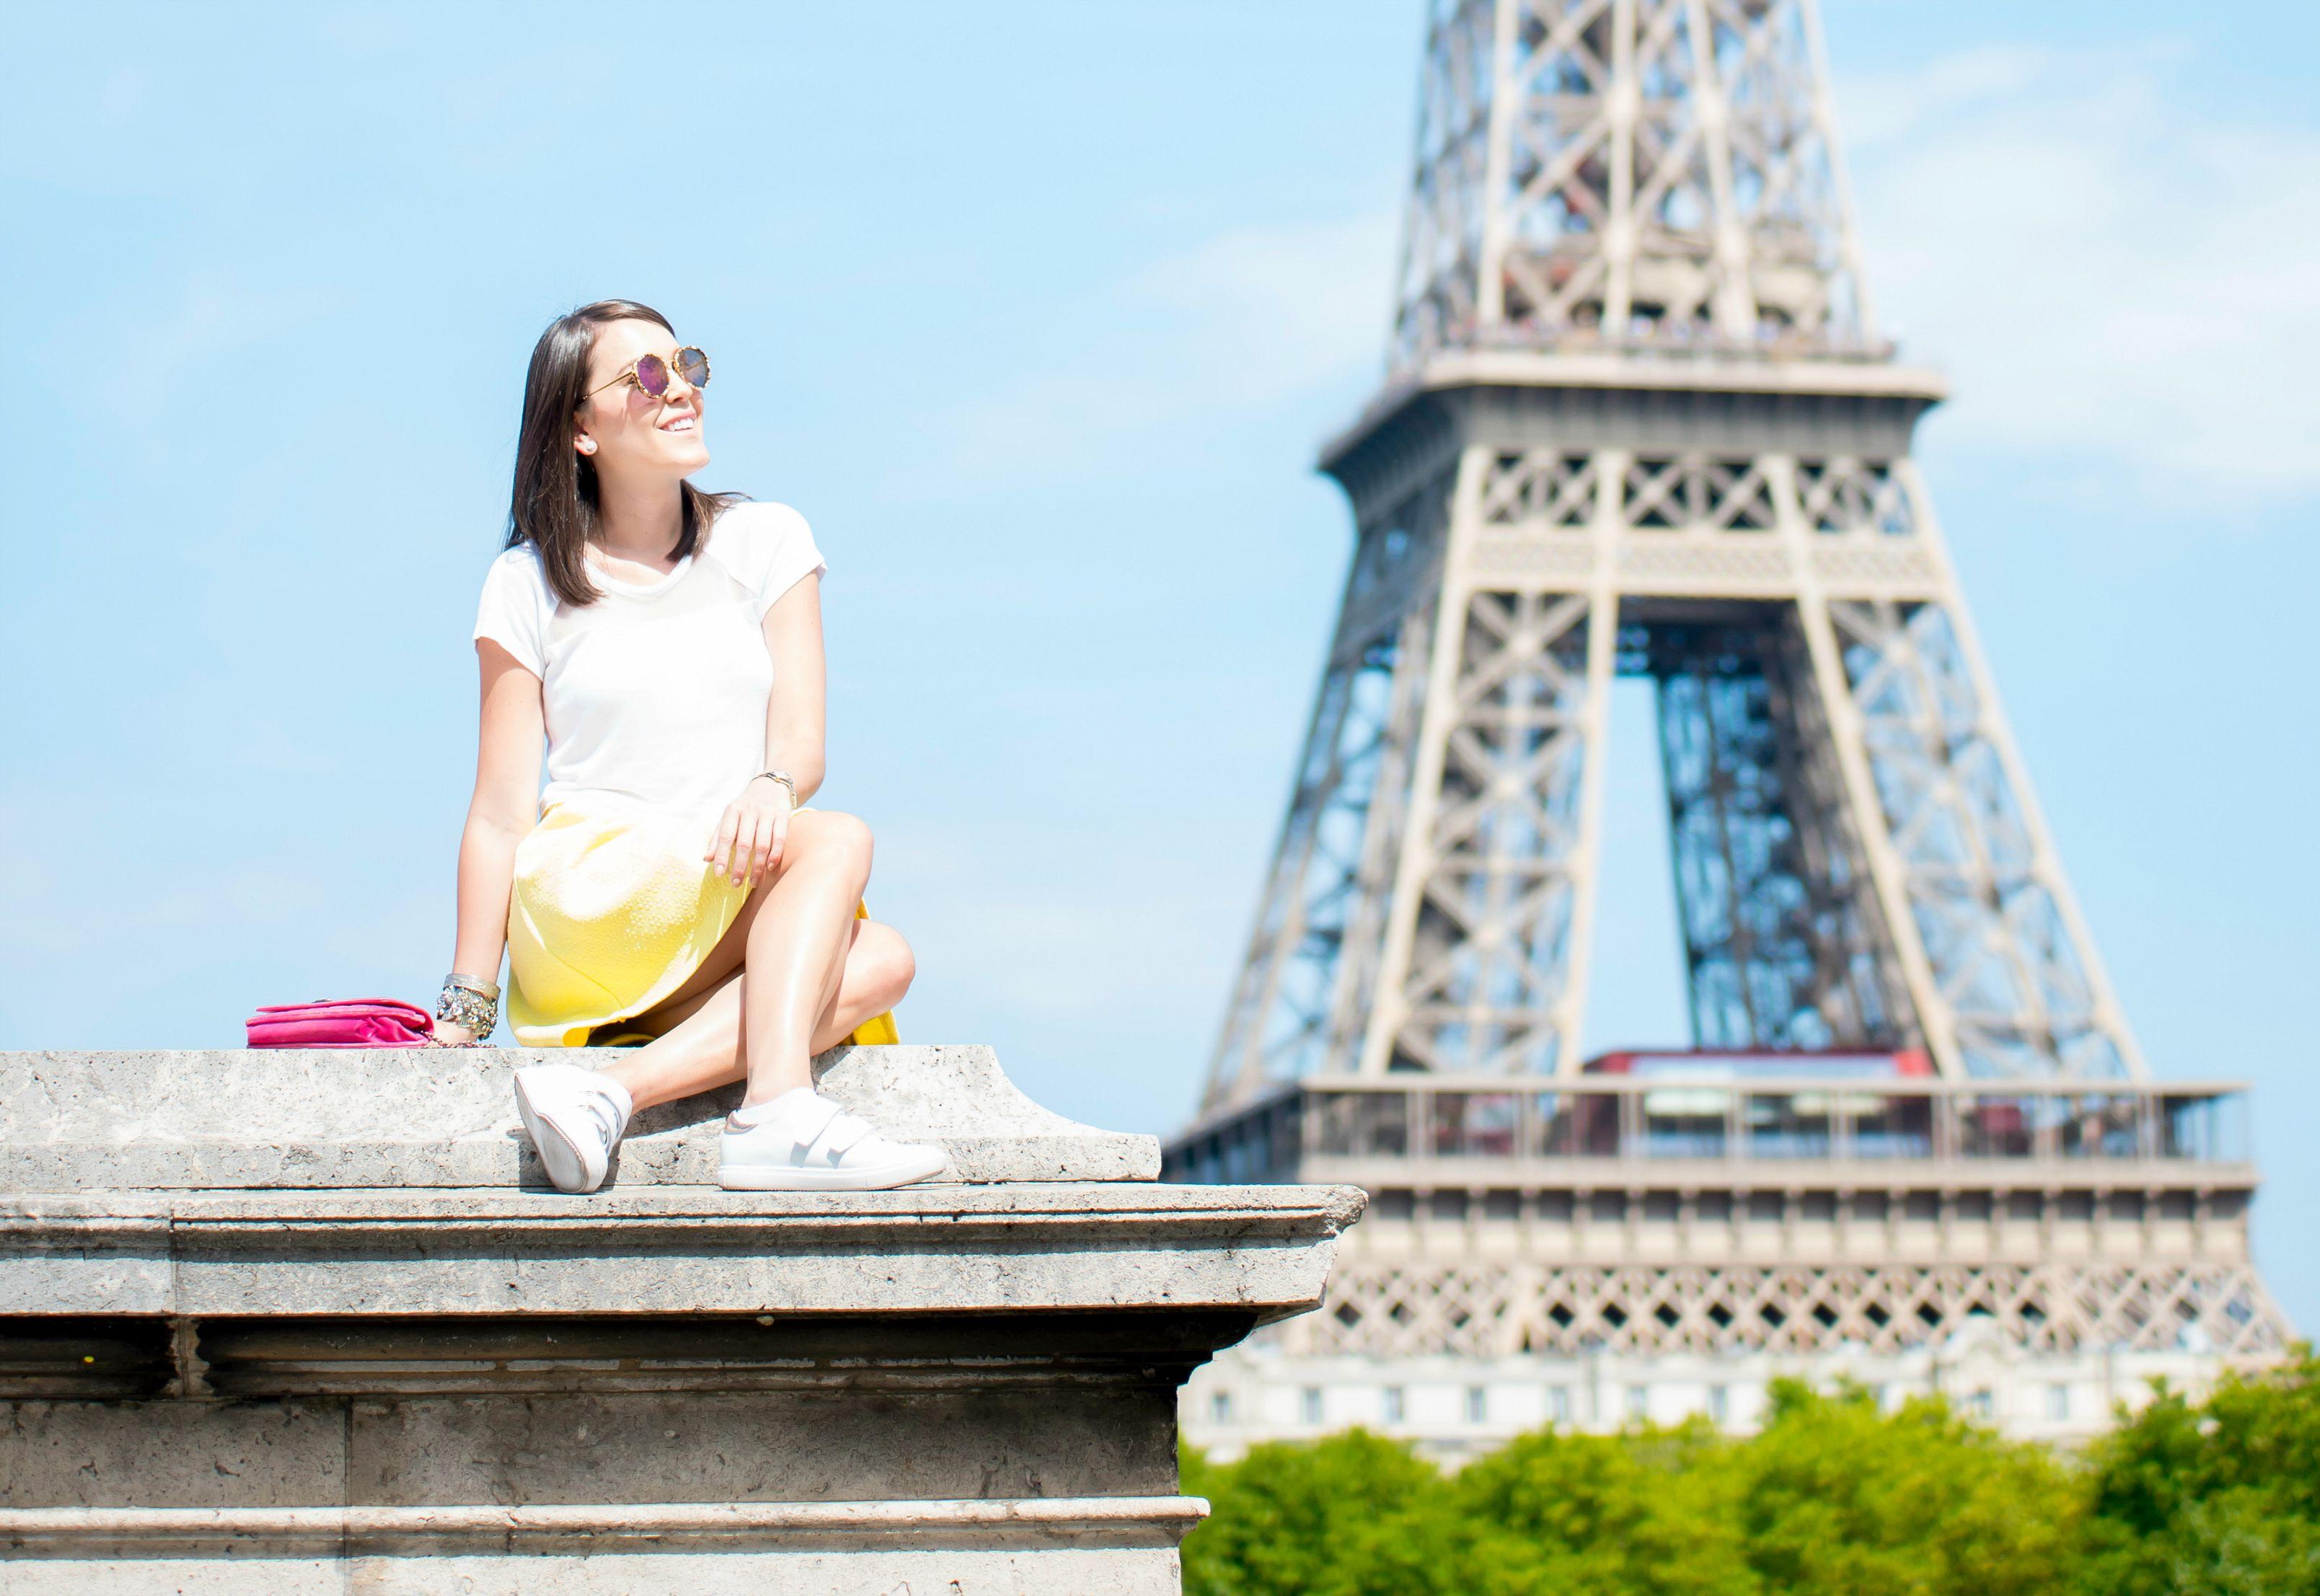 curso de moda em Paris para brasileiros imperdível diferente exclusivo Paris Style Week blog Lari duarte tudo sobre